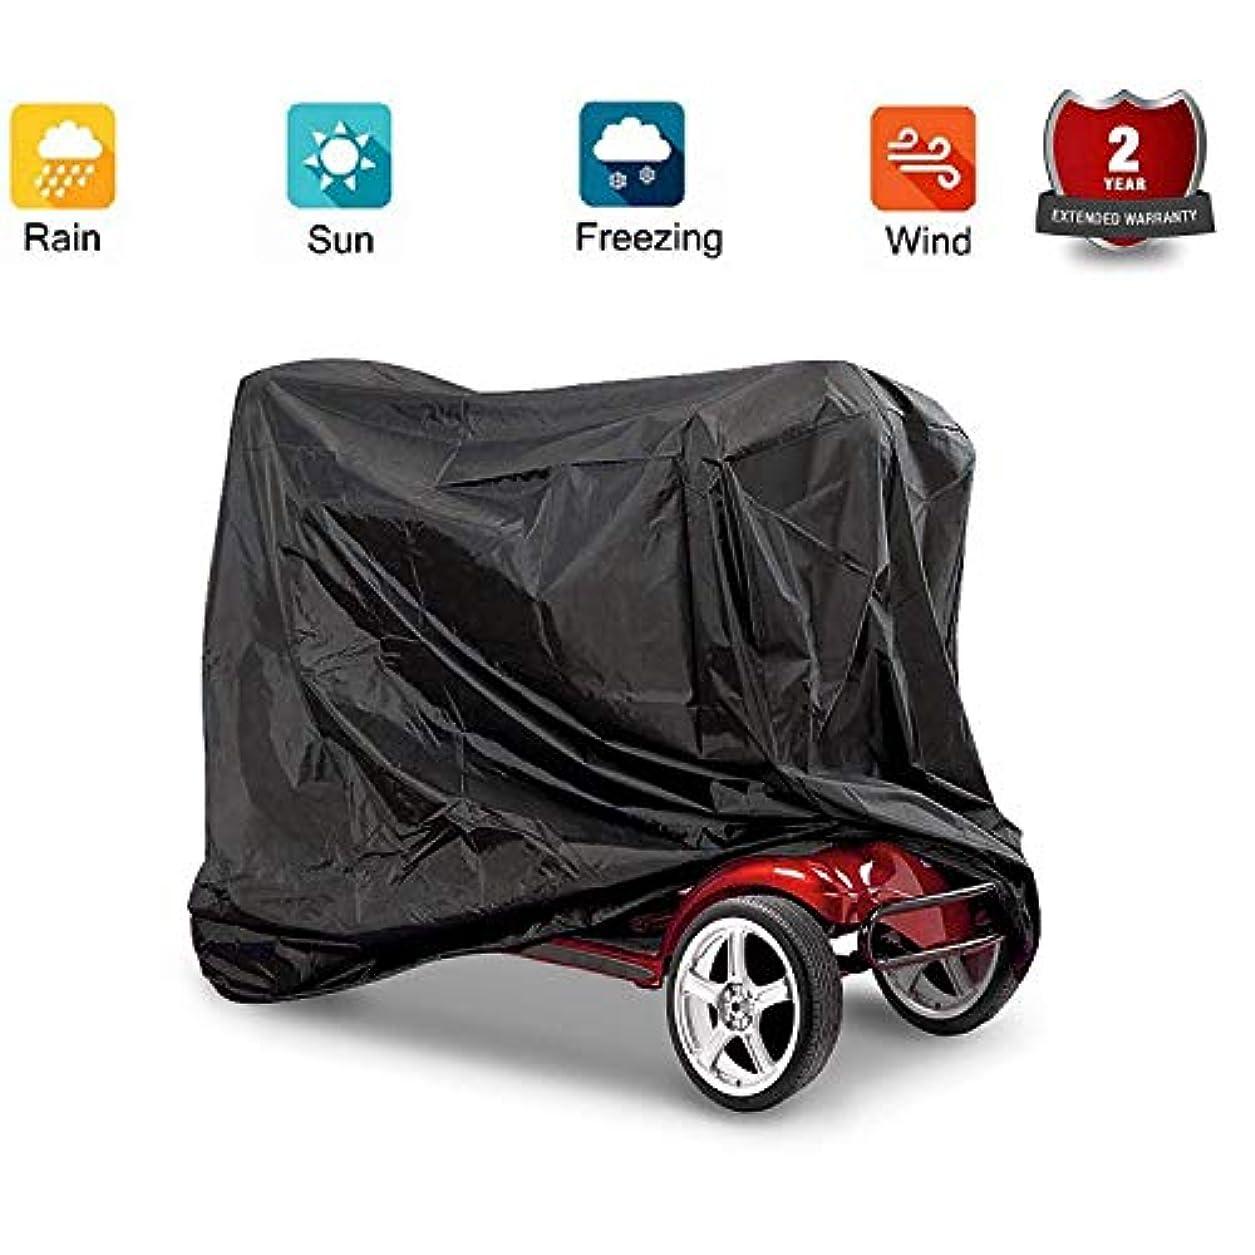 刺繍炭素そっとスクーターカバー、標準ヘビーデューティモビリティスクーターストレージ雨カバー防水Eldlyモビリティスクーターカバー140 * 66 * 91 cm